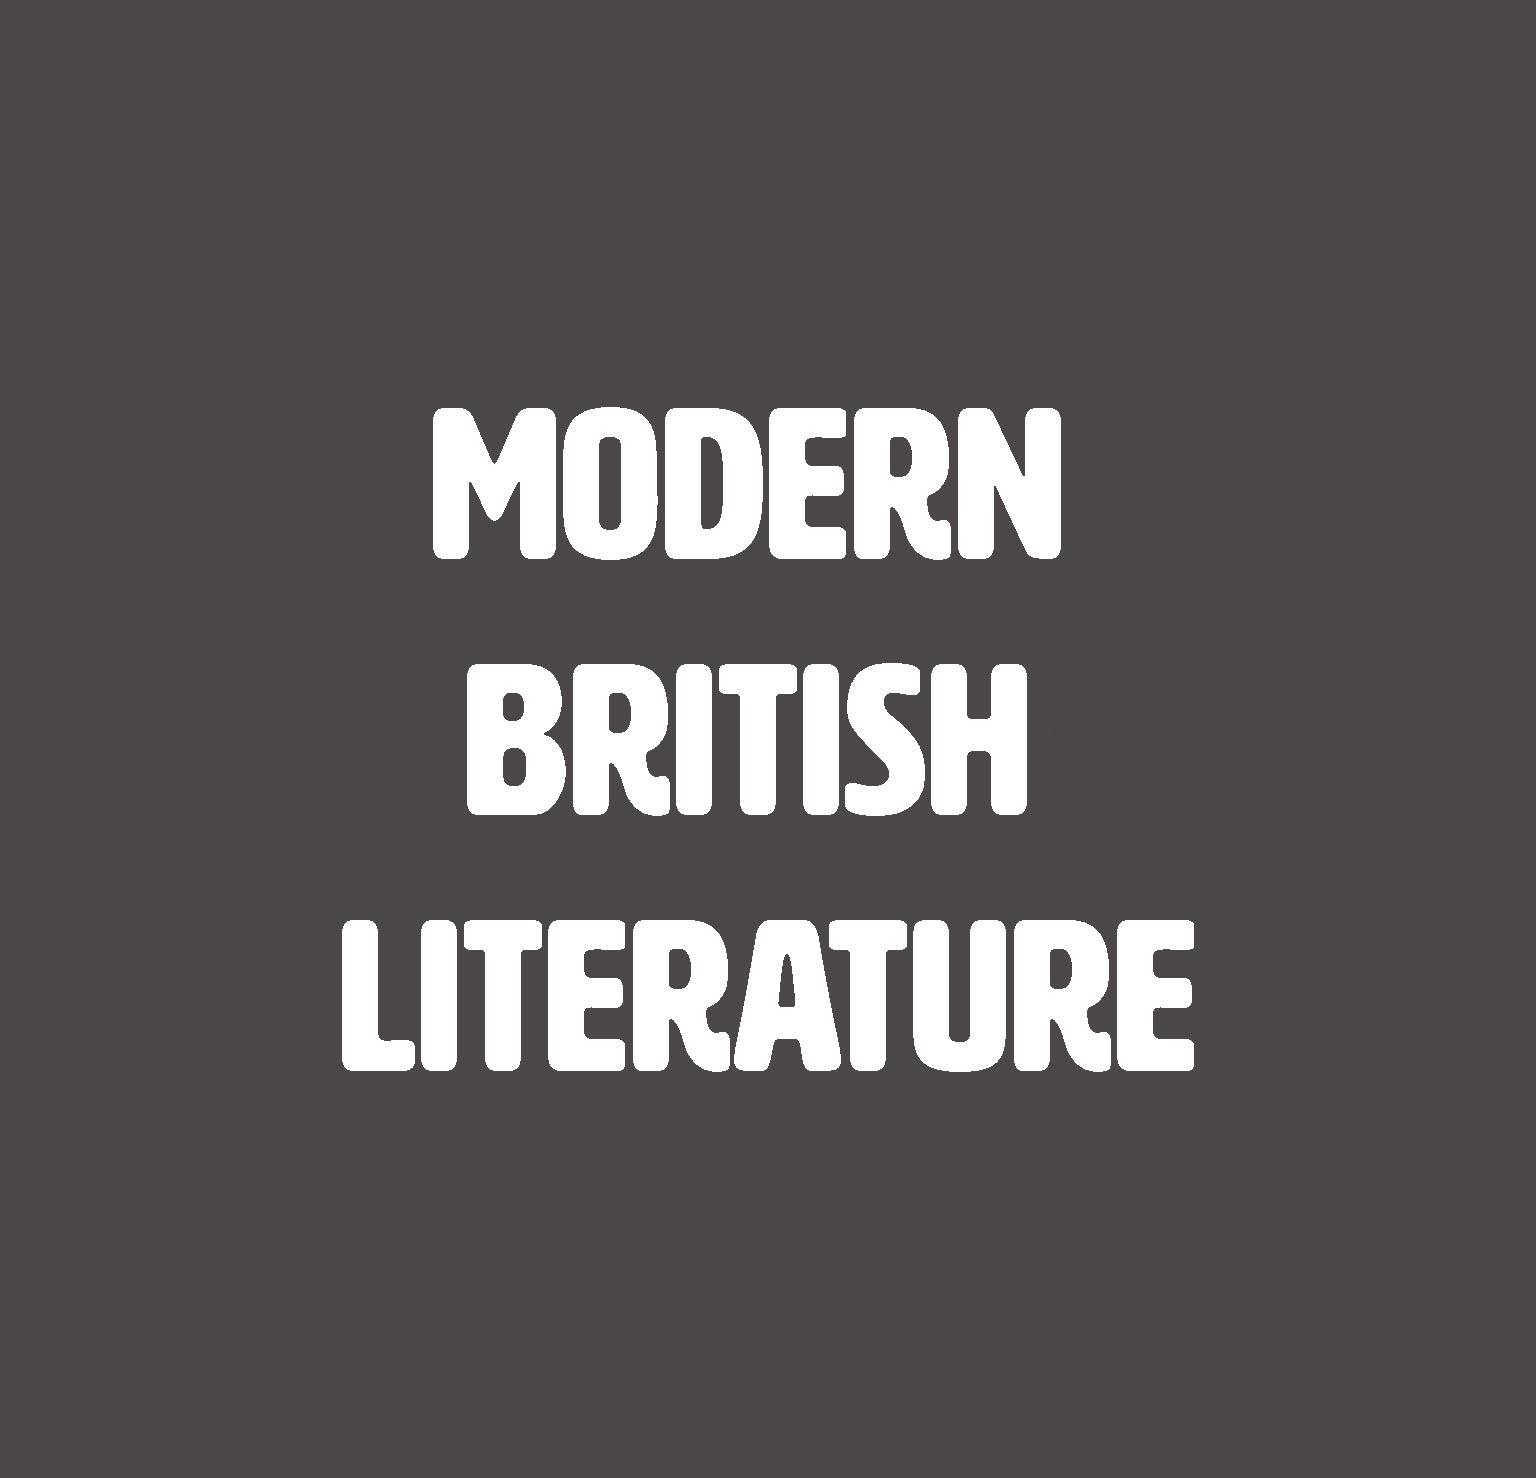 Modern British Literature